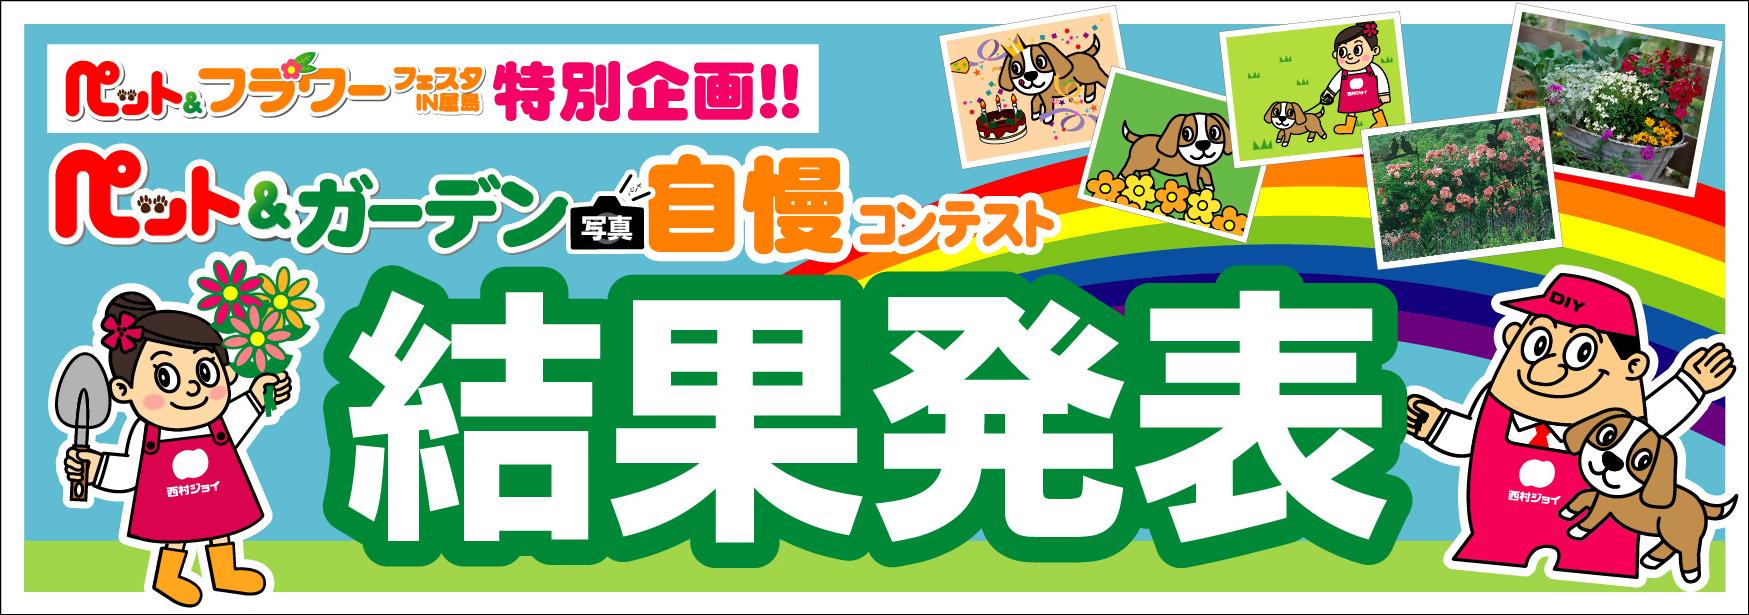 ペット・ガーデン自慢コンテスト結果発表